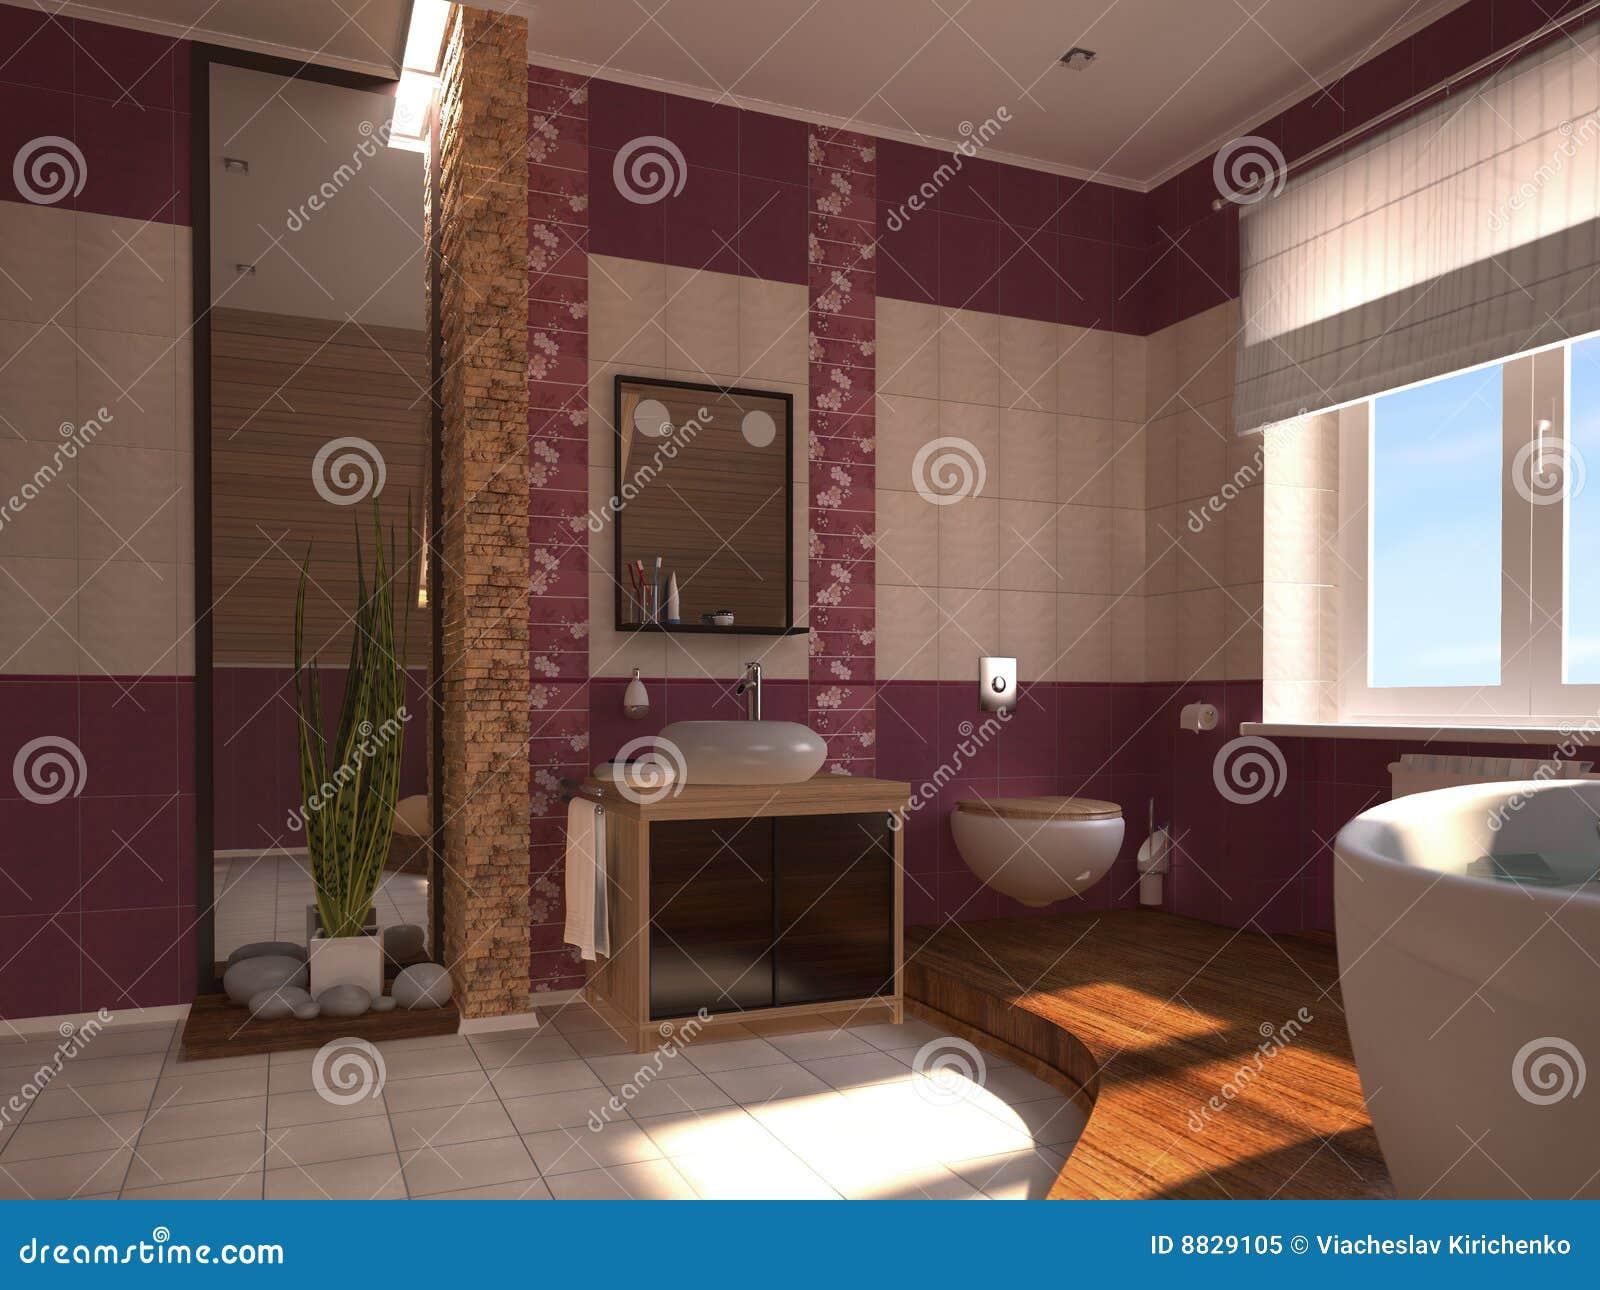 Orientalisches Badezimmer Lizenzfreies Stockfoto - Bild: 8829105